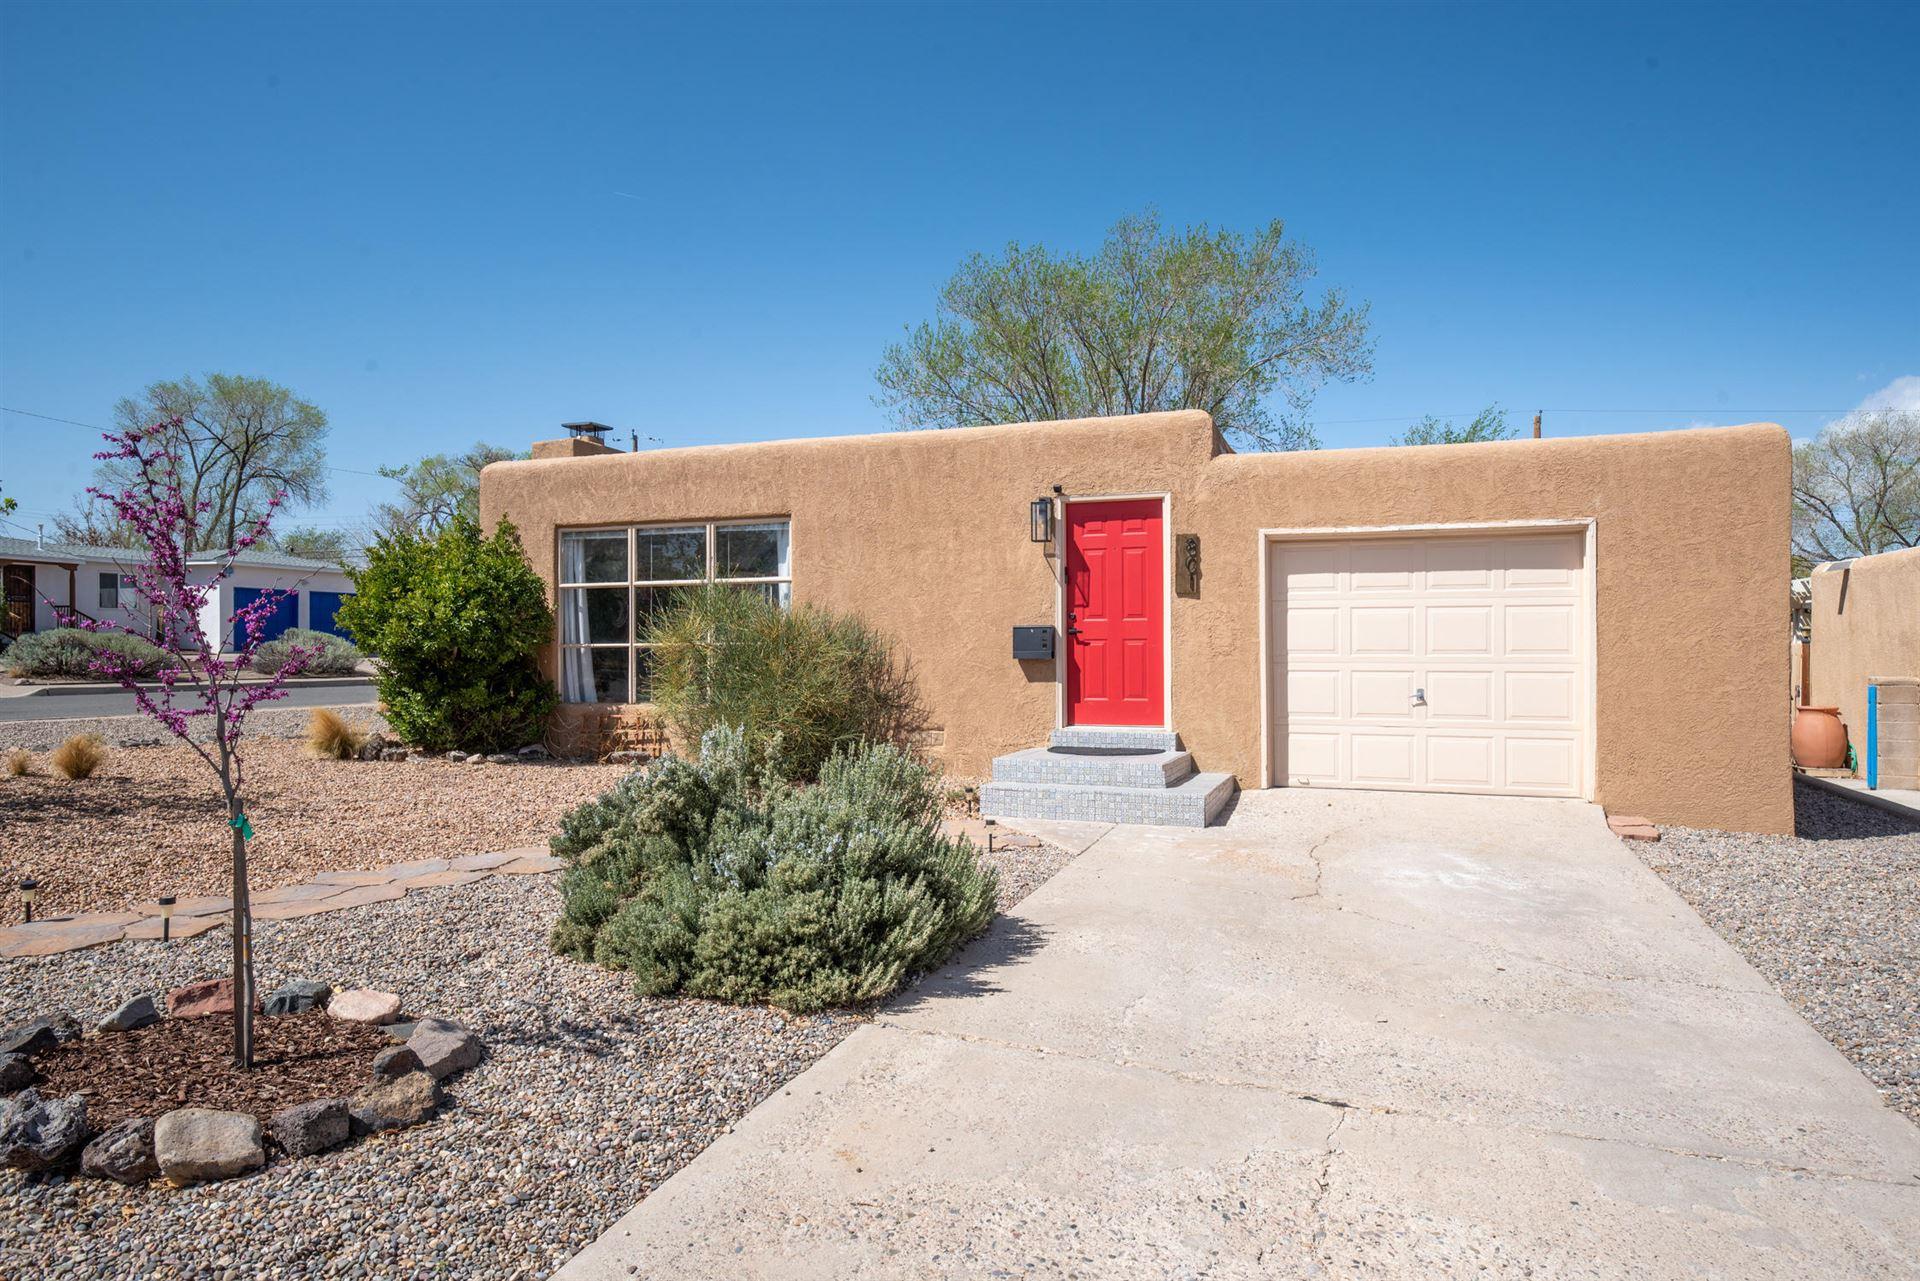 801 QUINCY Street NE, Albuquerque, NM 87110 - MLS#: 989182